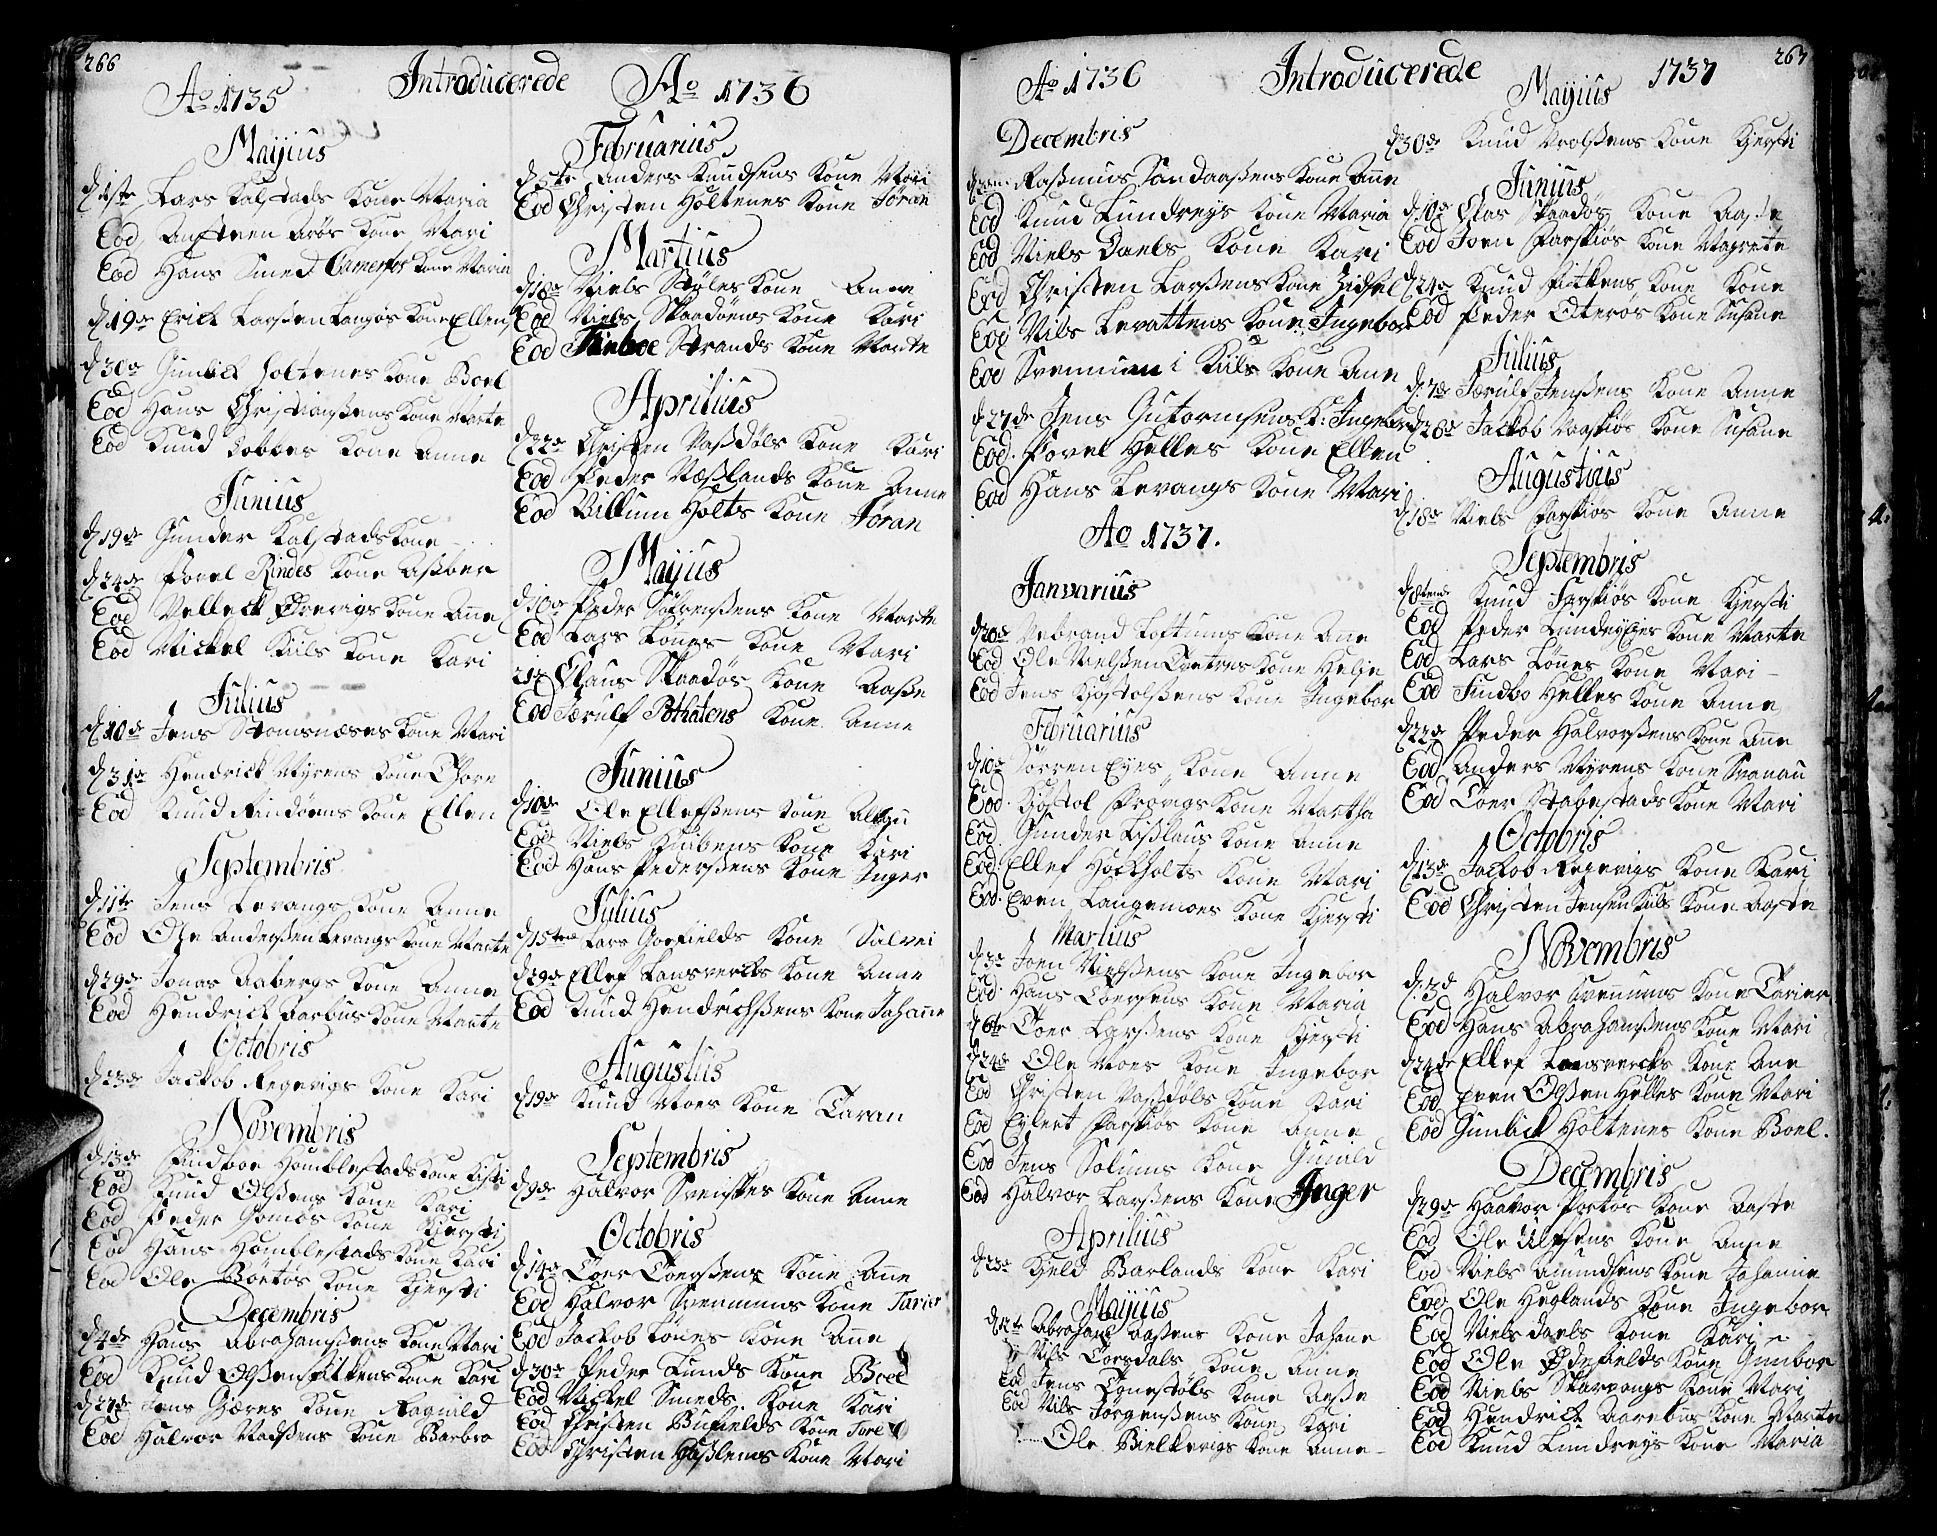 SAKO, Sannidal kirkebøker, F/Fa/L0001: Ministerialbok nr. 1, 1702-1766, s. 266-267